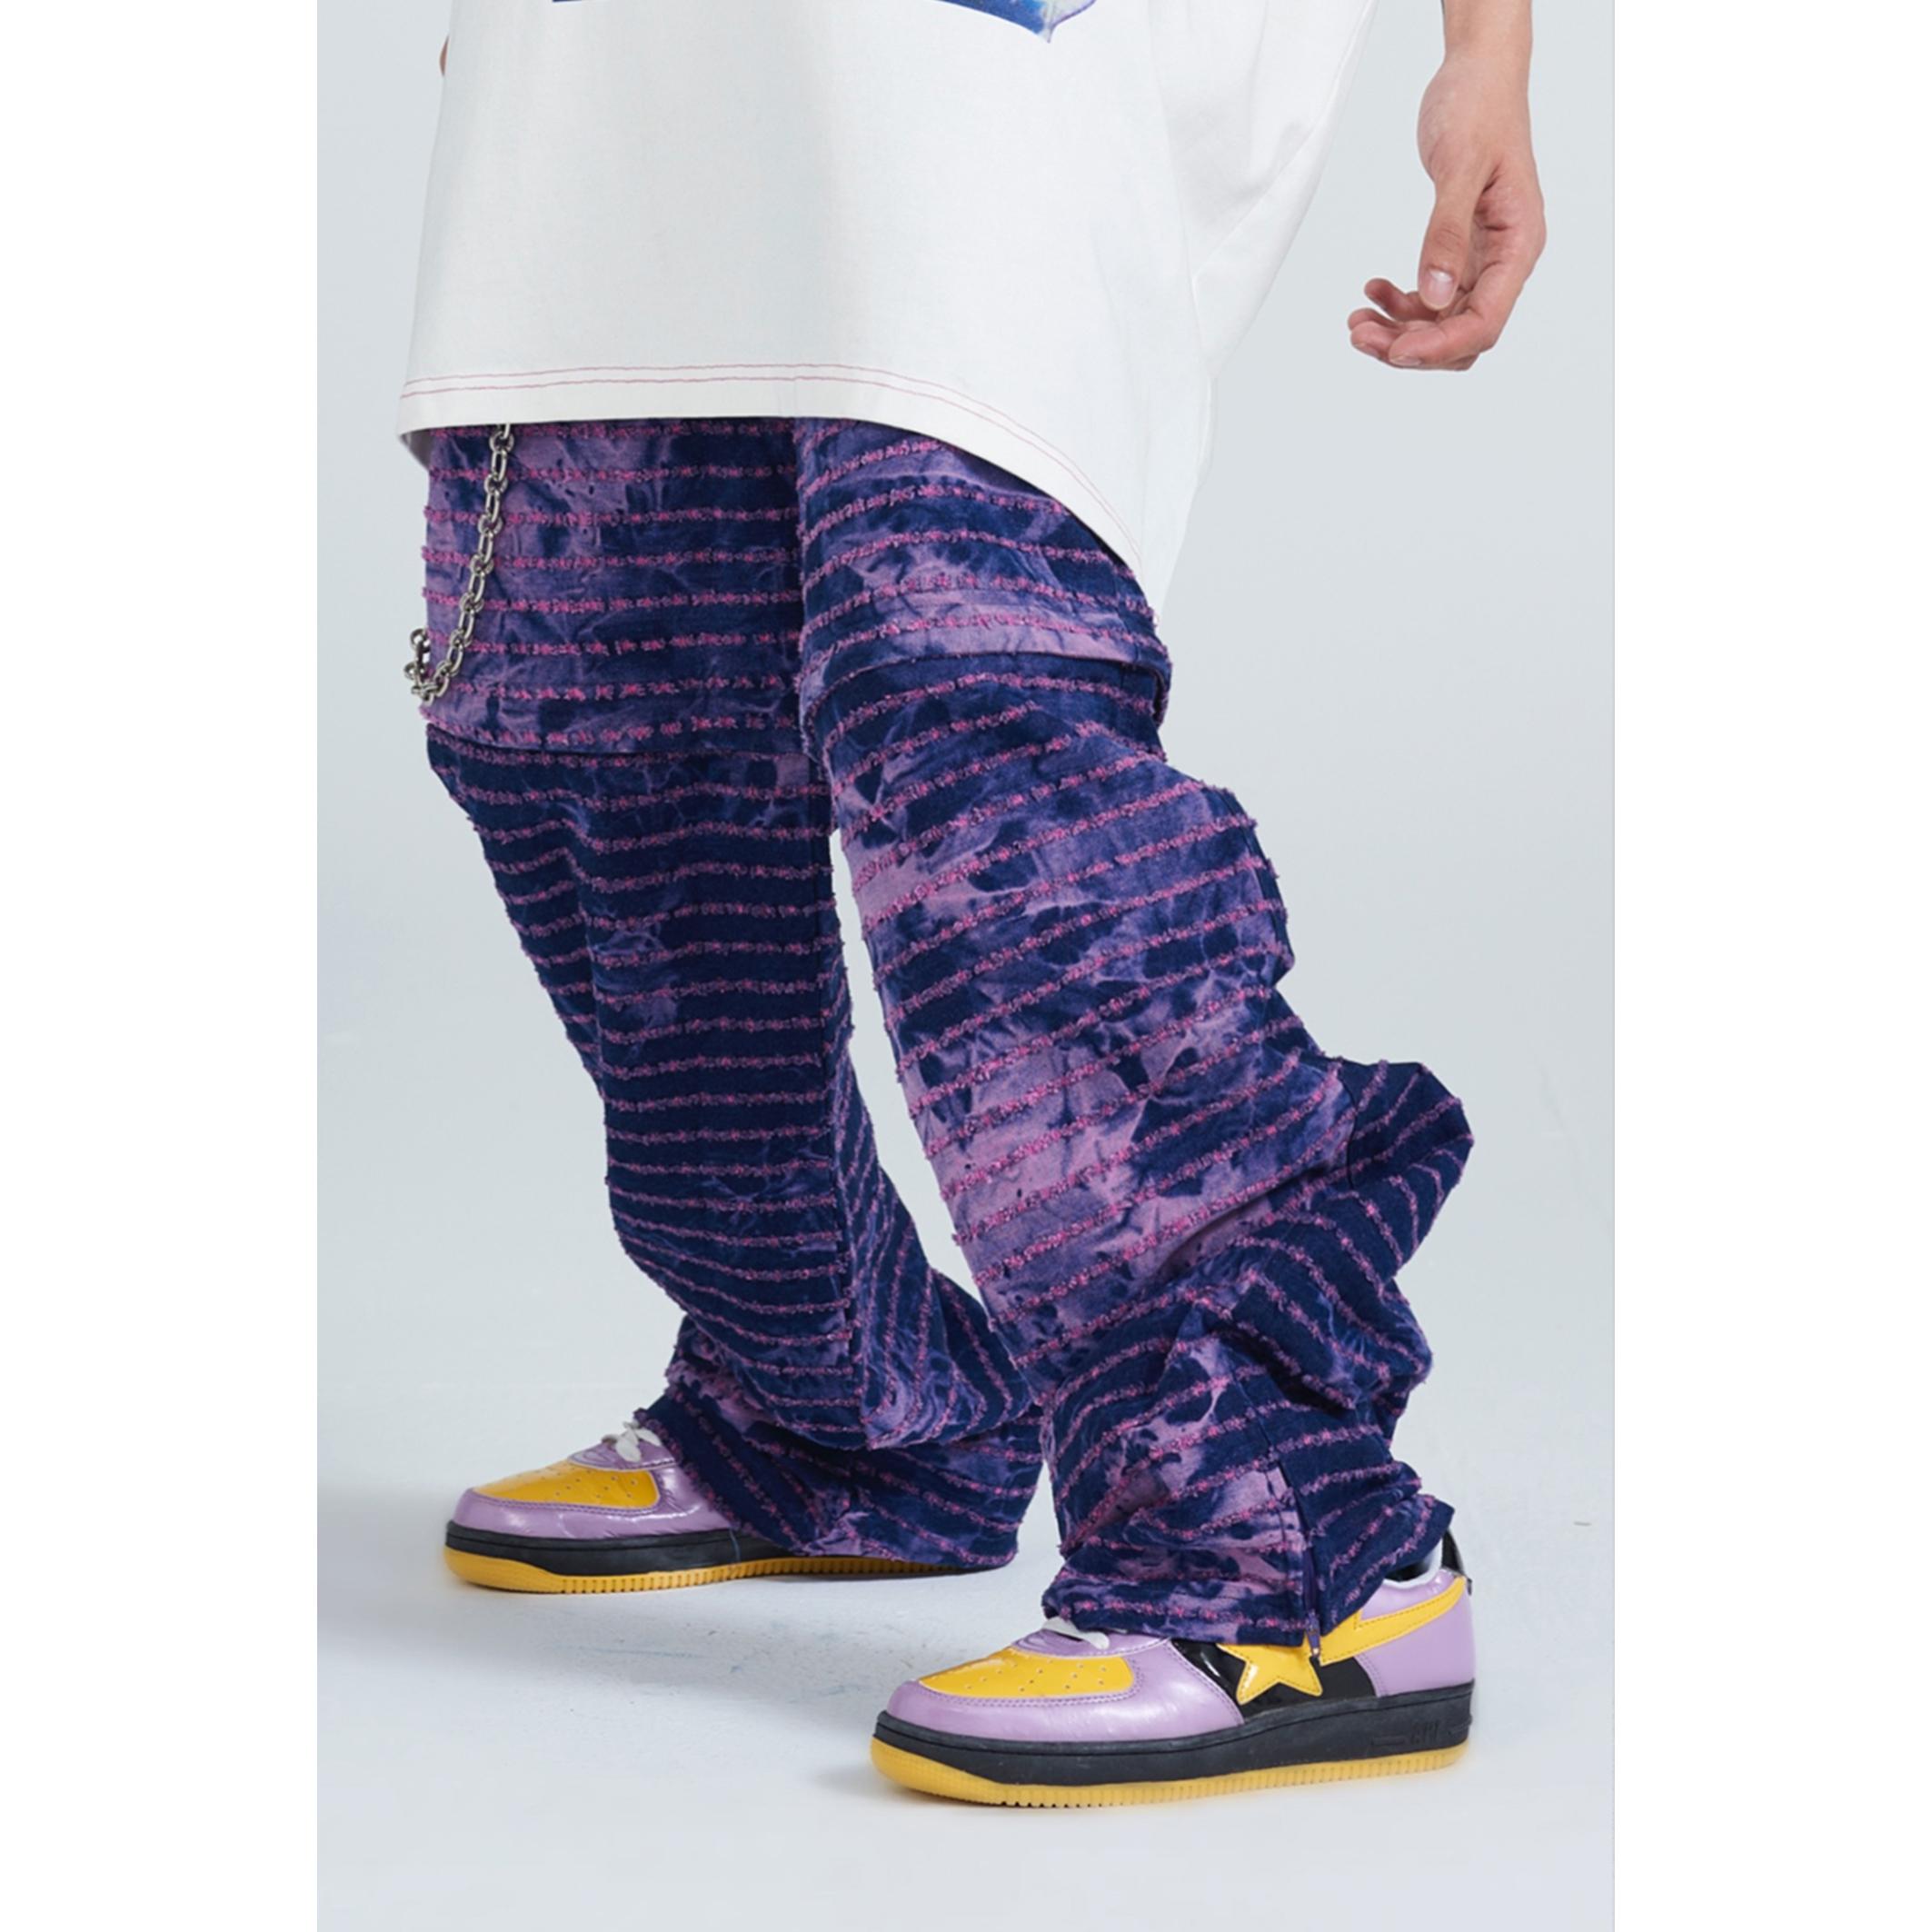 紫色牛仔裤 ERISSTOFF 千禧Y2K朋克紫色扎染冲孔可拆两穿廓形牛仔裤 男女同款_推荐淘宝好看的紫色牛仔裤